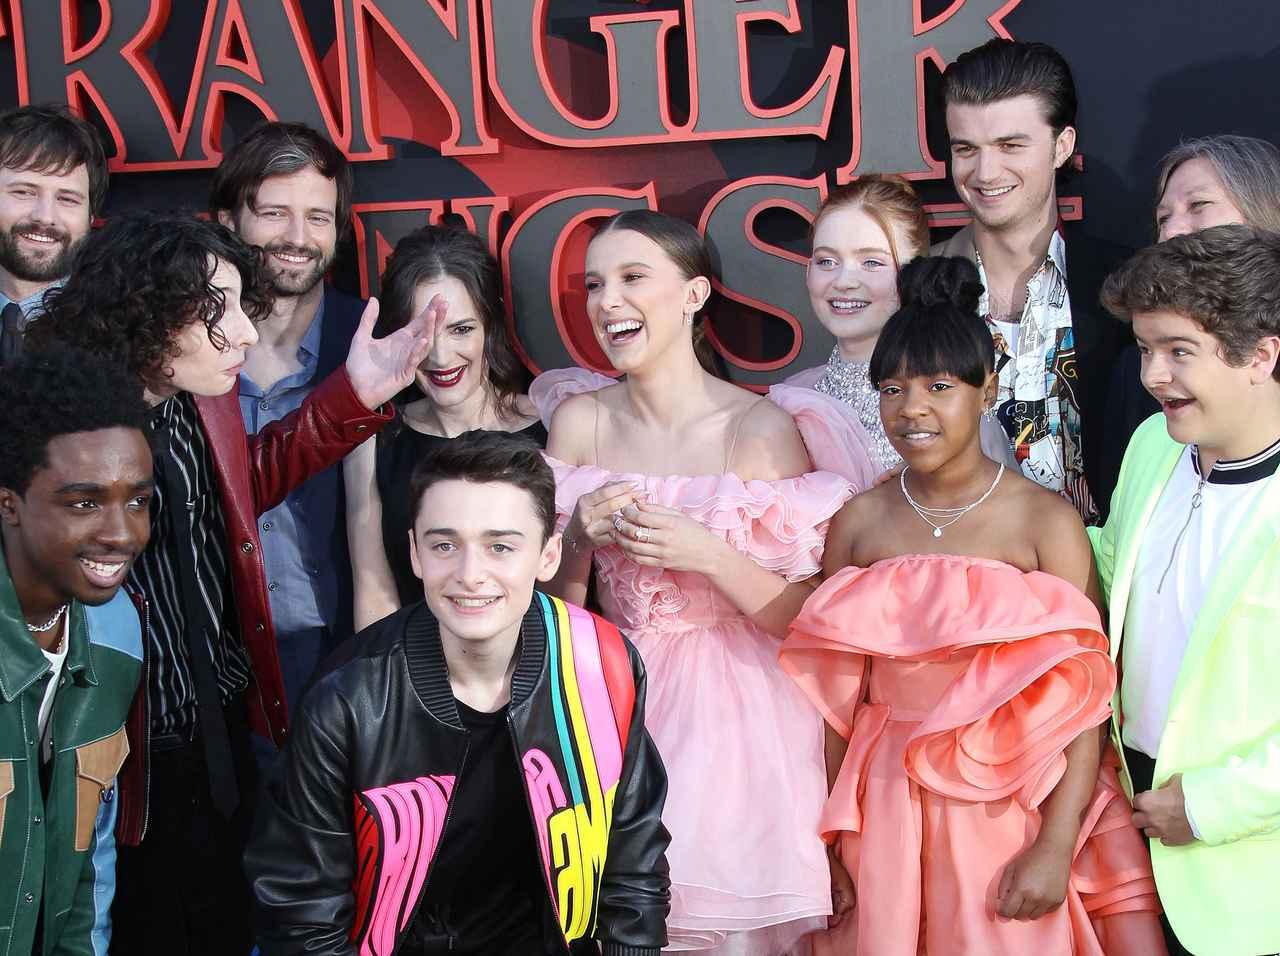 シングス 4 ストレンジャー Netflix『ストレンジャー・シングス』全世界待望のシーズン4、ついに制作スタート!